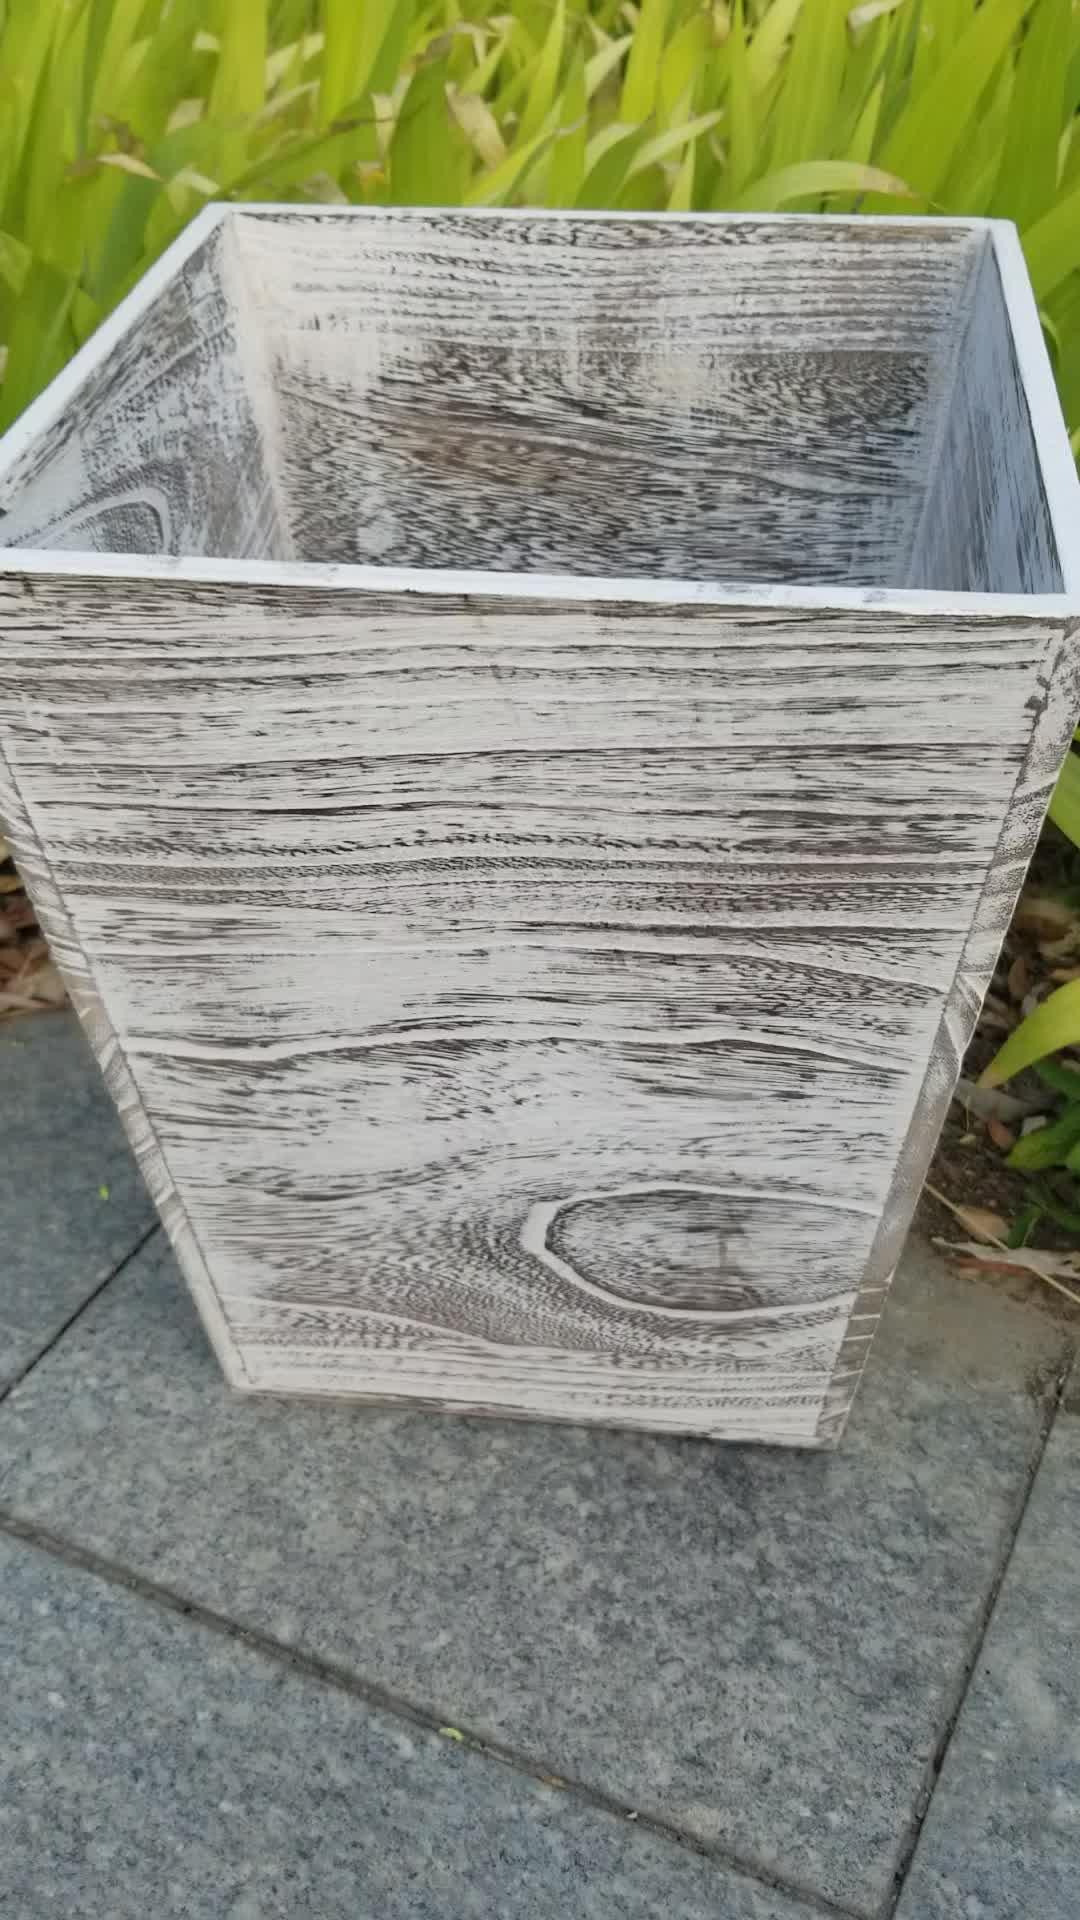 High quality rustic  desk storage holder wooden waste basket